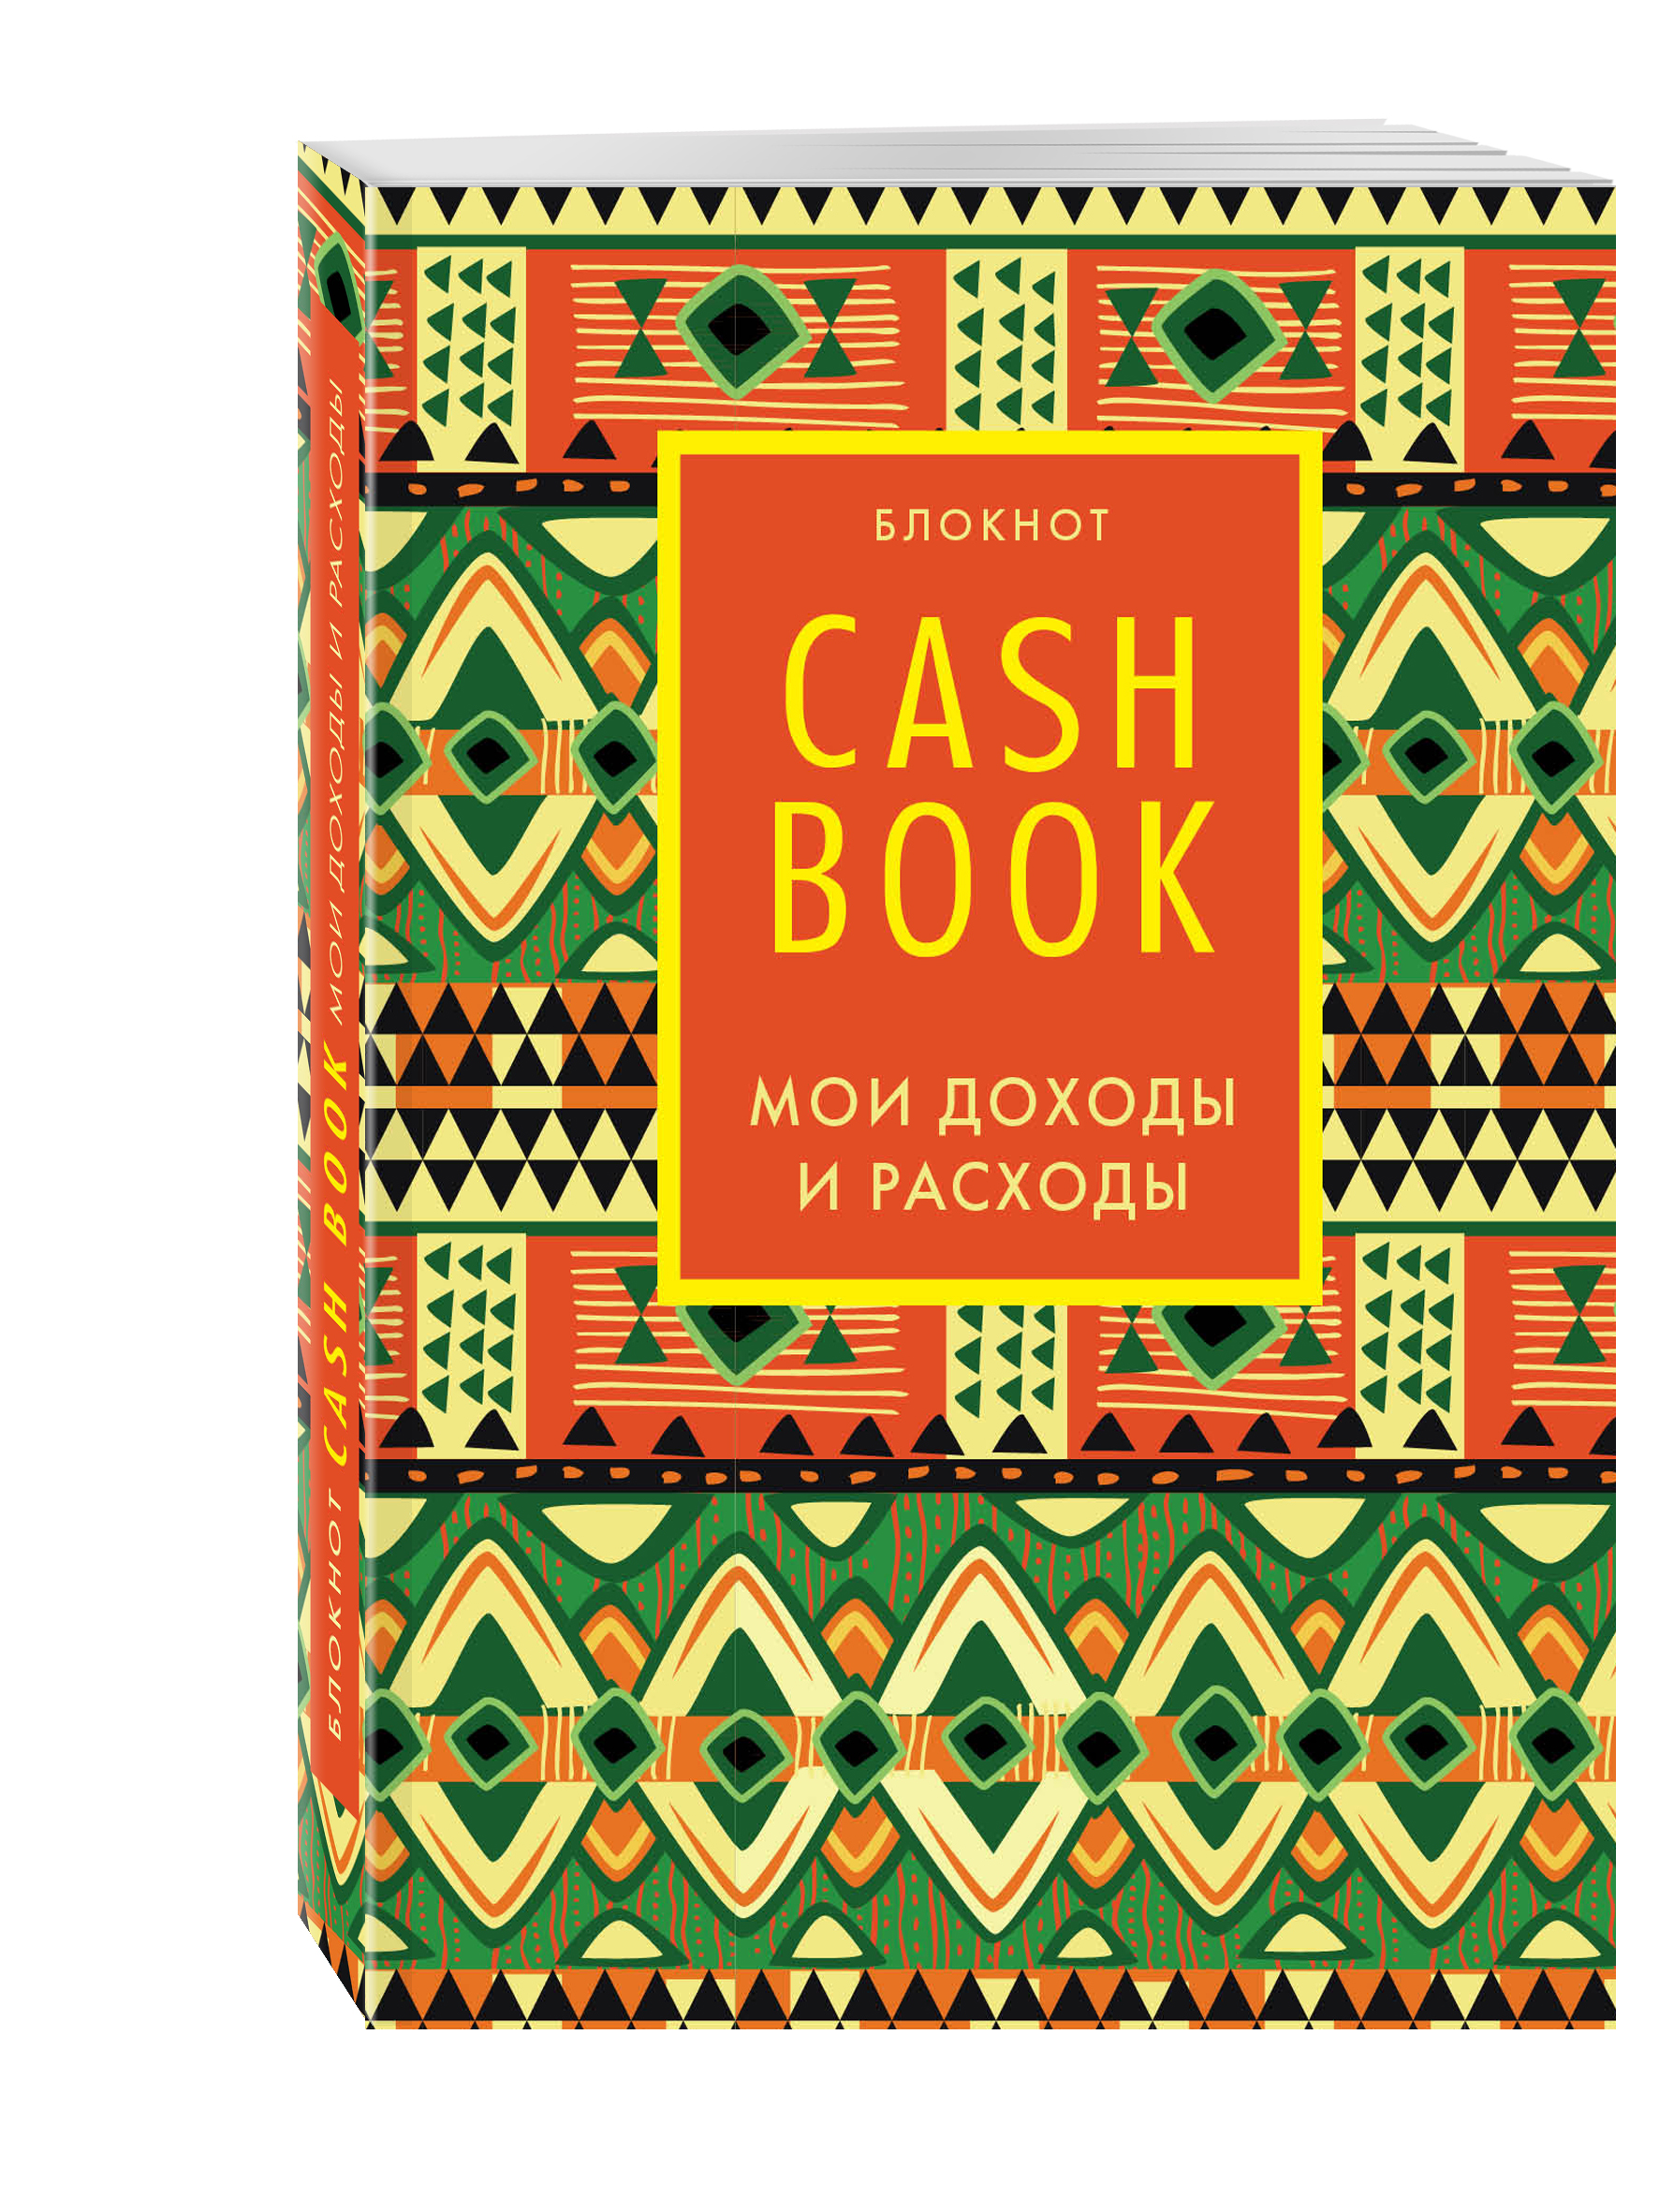 CashBook. Мои доходы и расходы. 5-е издание cashbook мои доходы и расходы 4 е изд 3 е оф